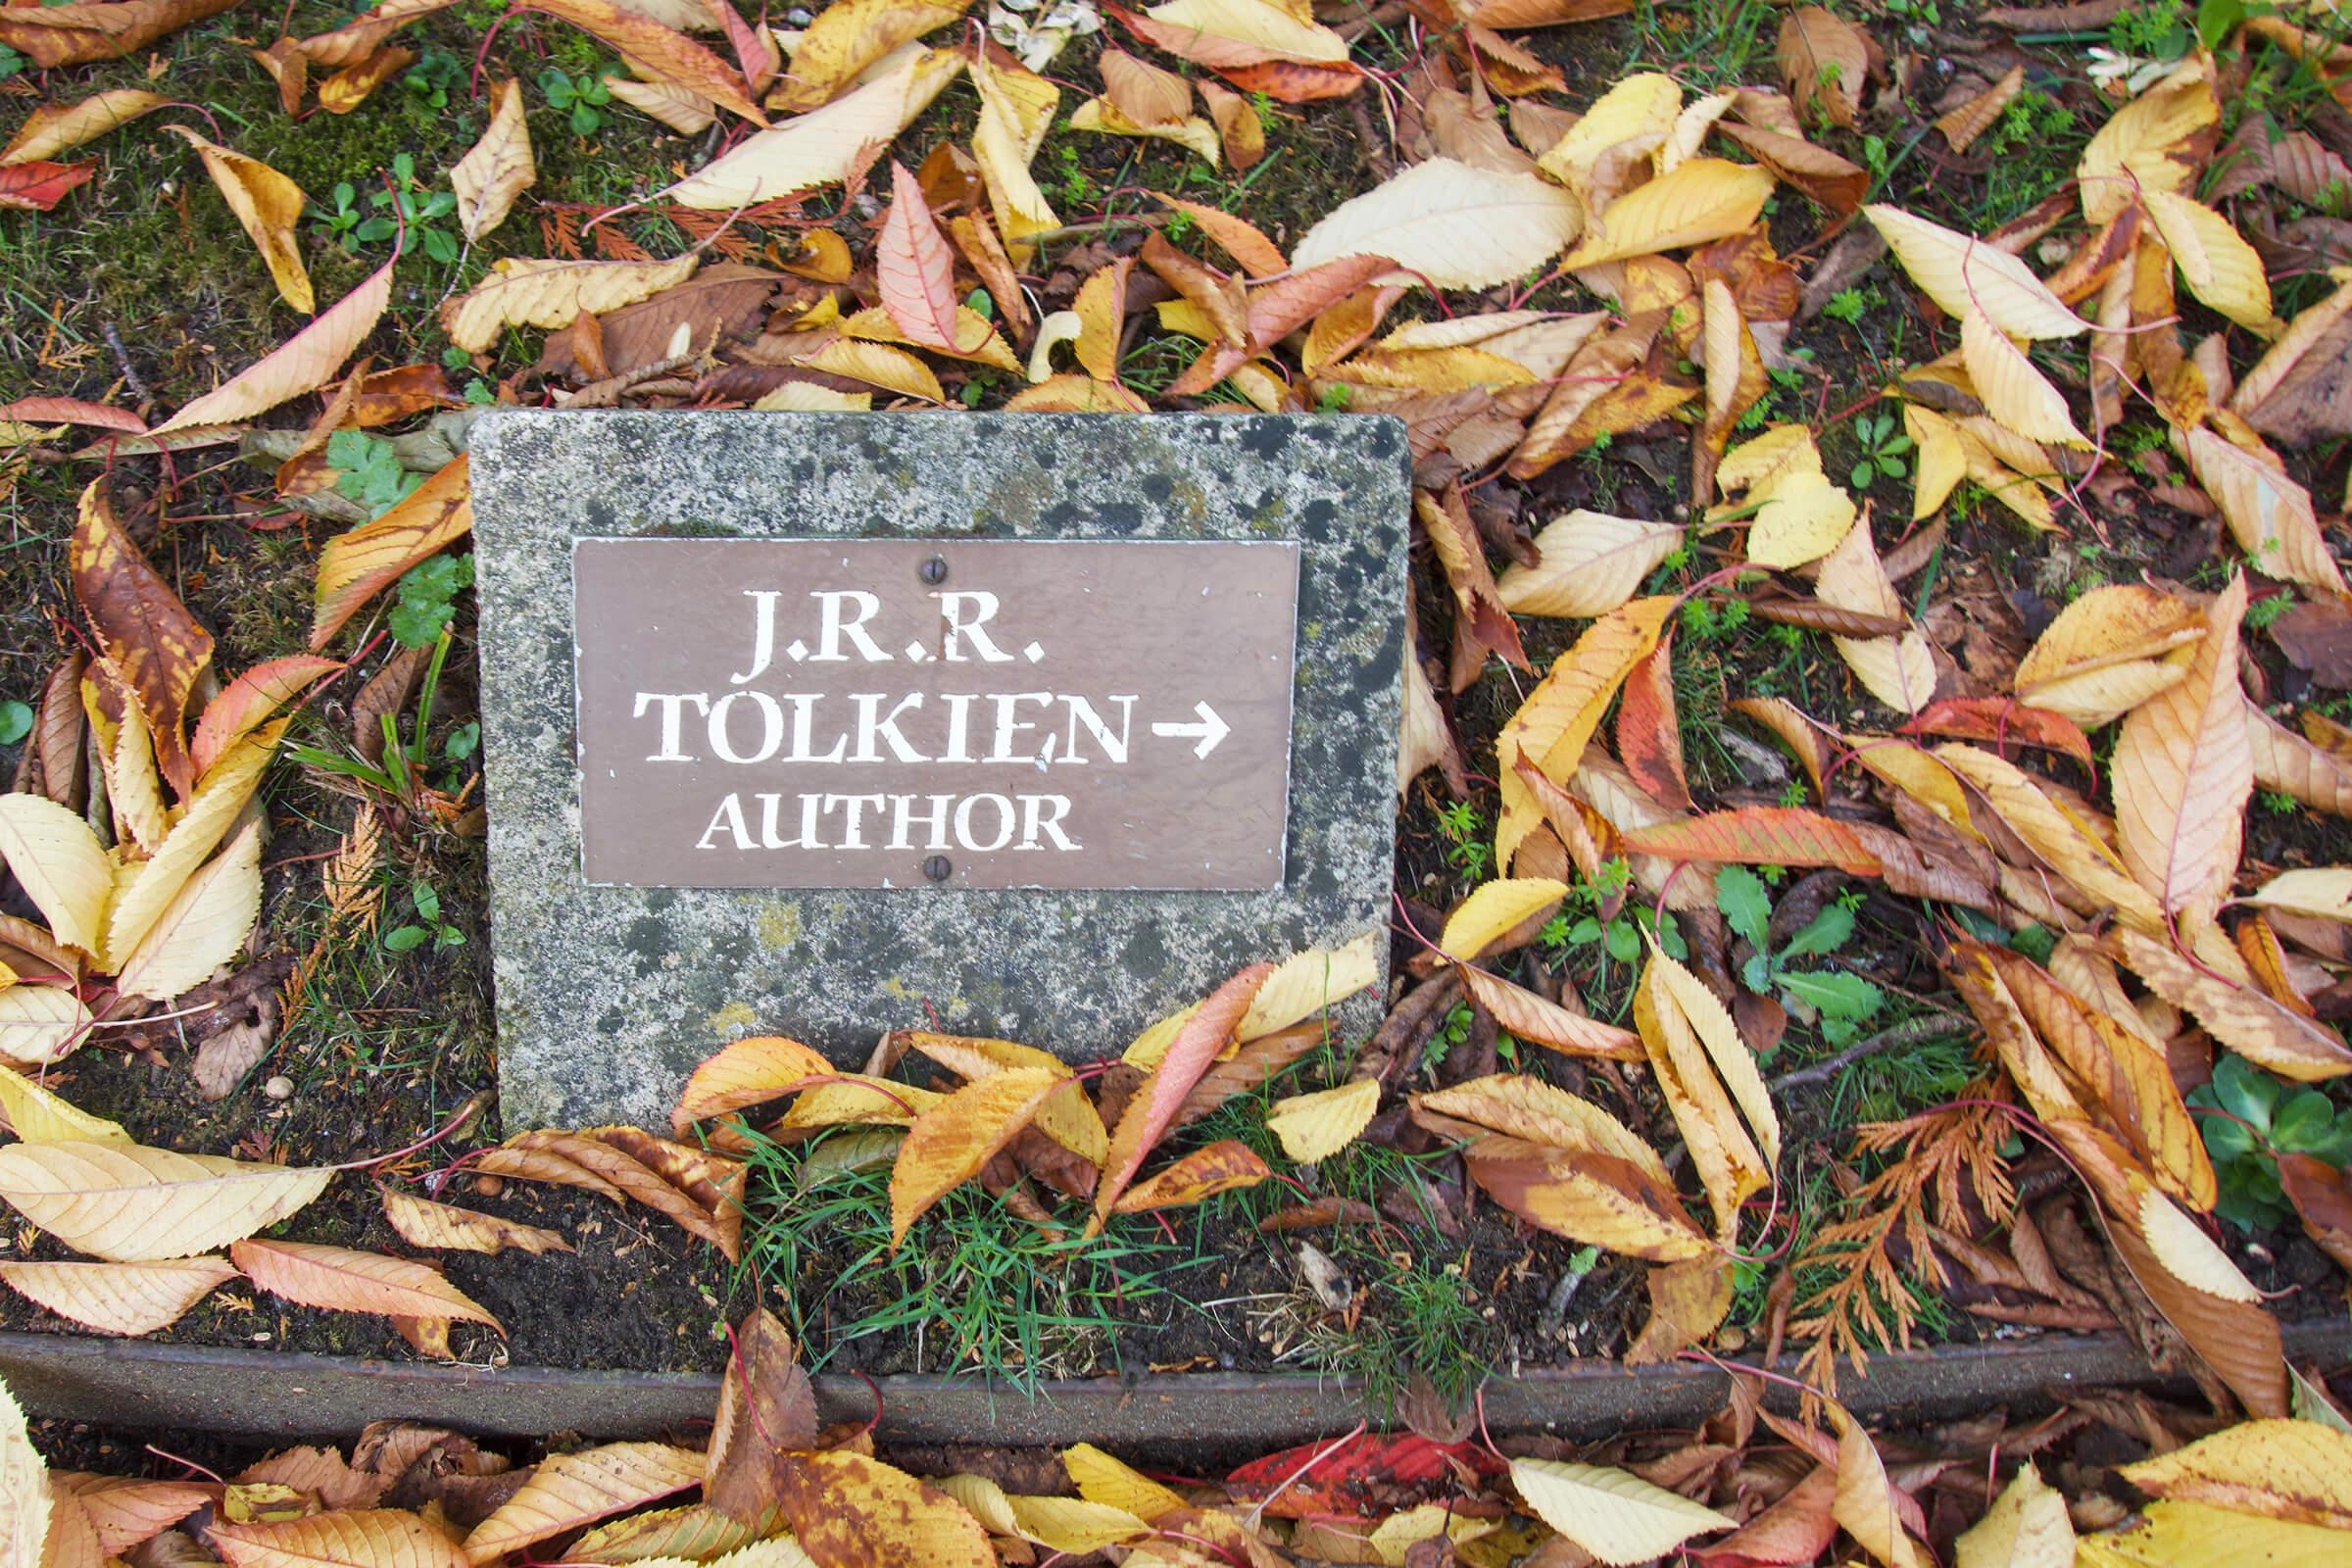 写真:トールキンのお墓の案内